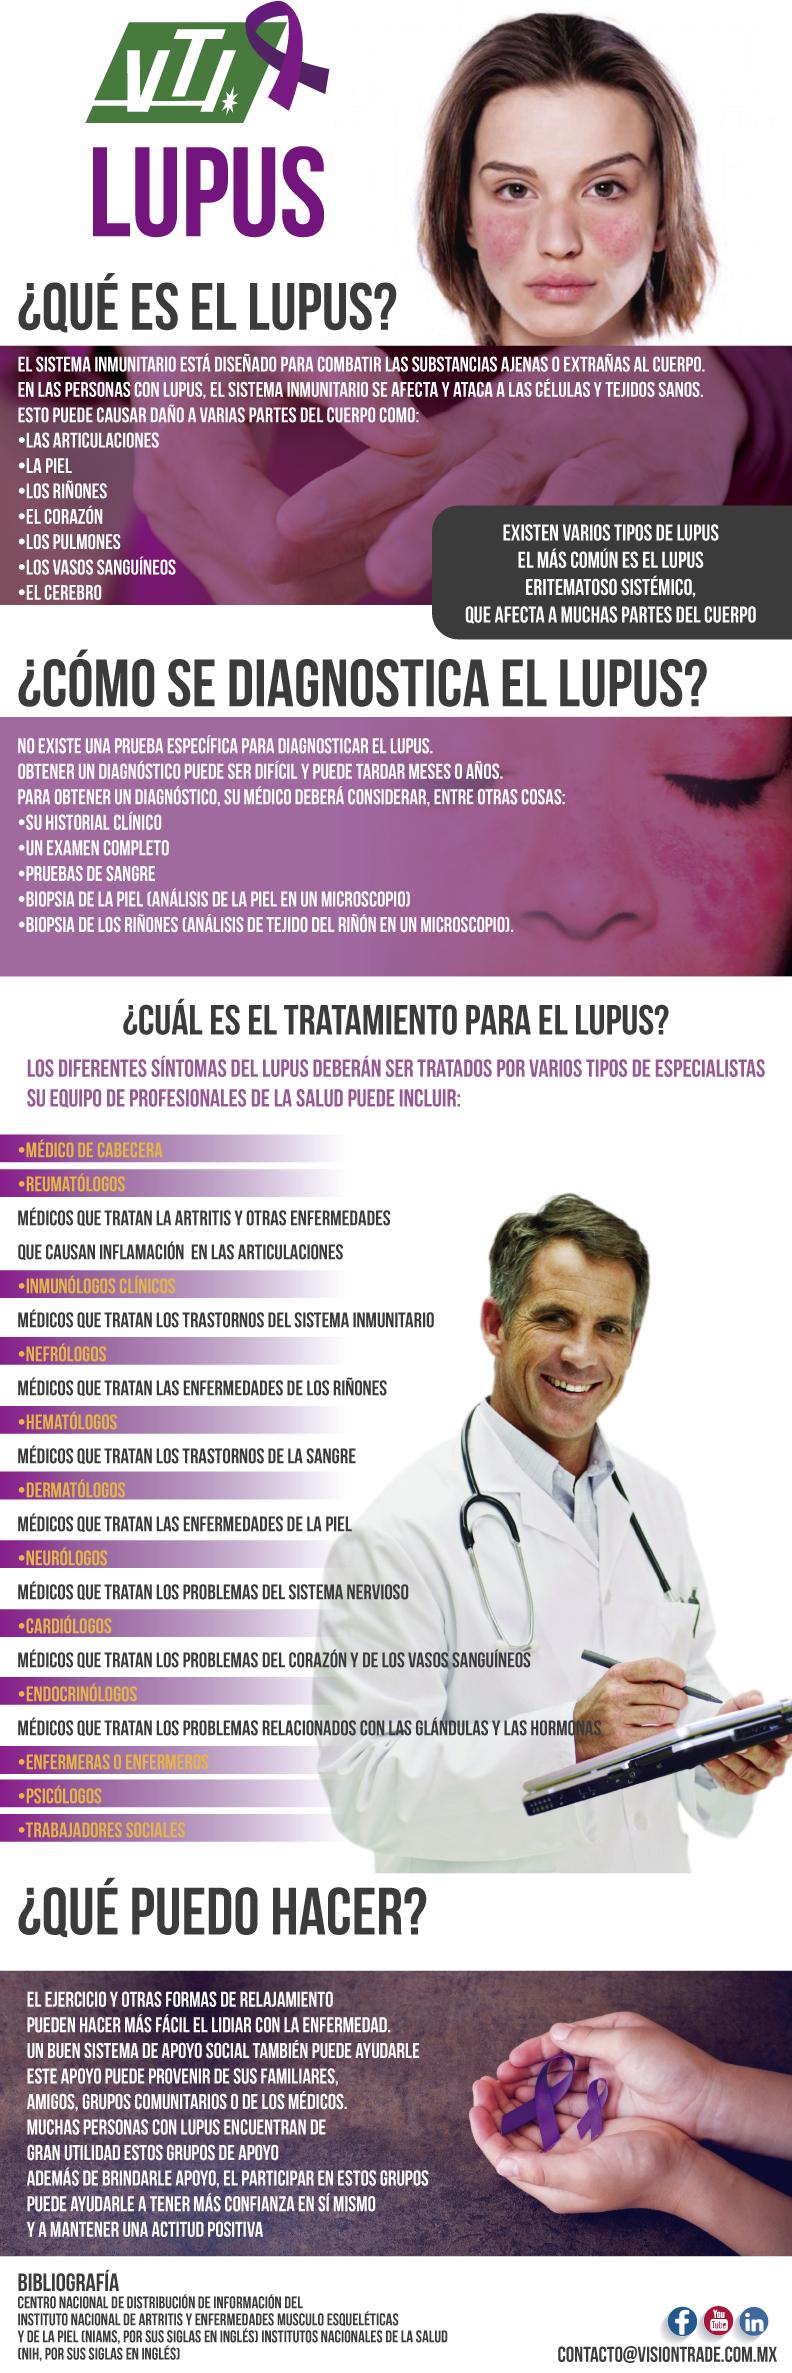 lupus-01